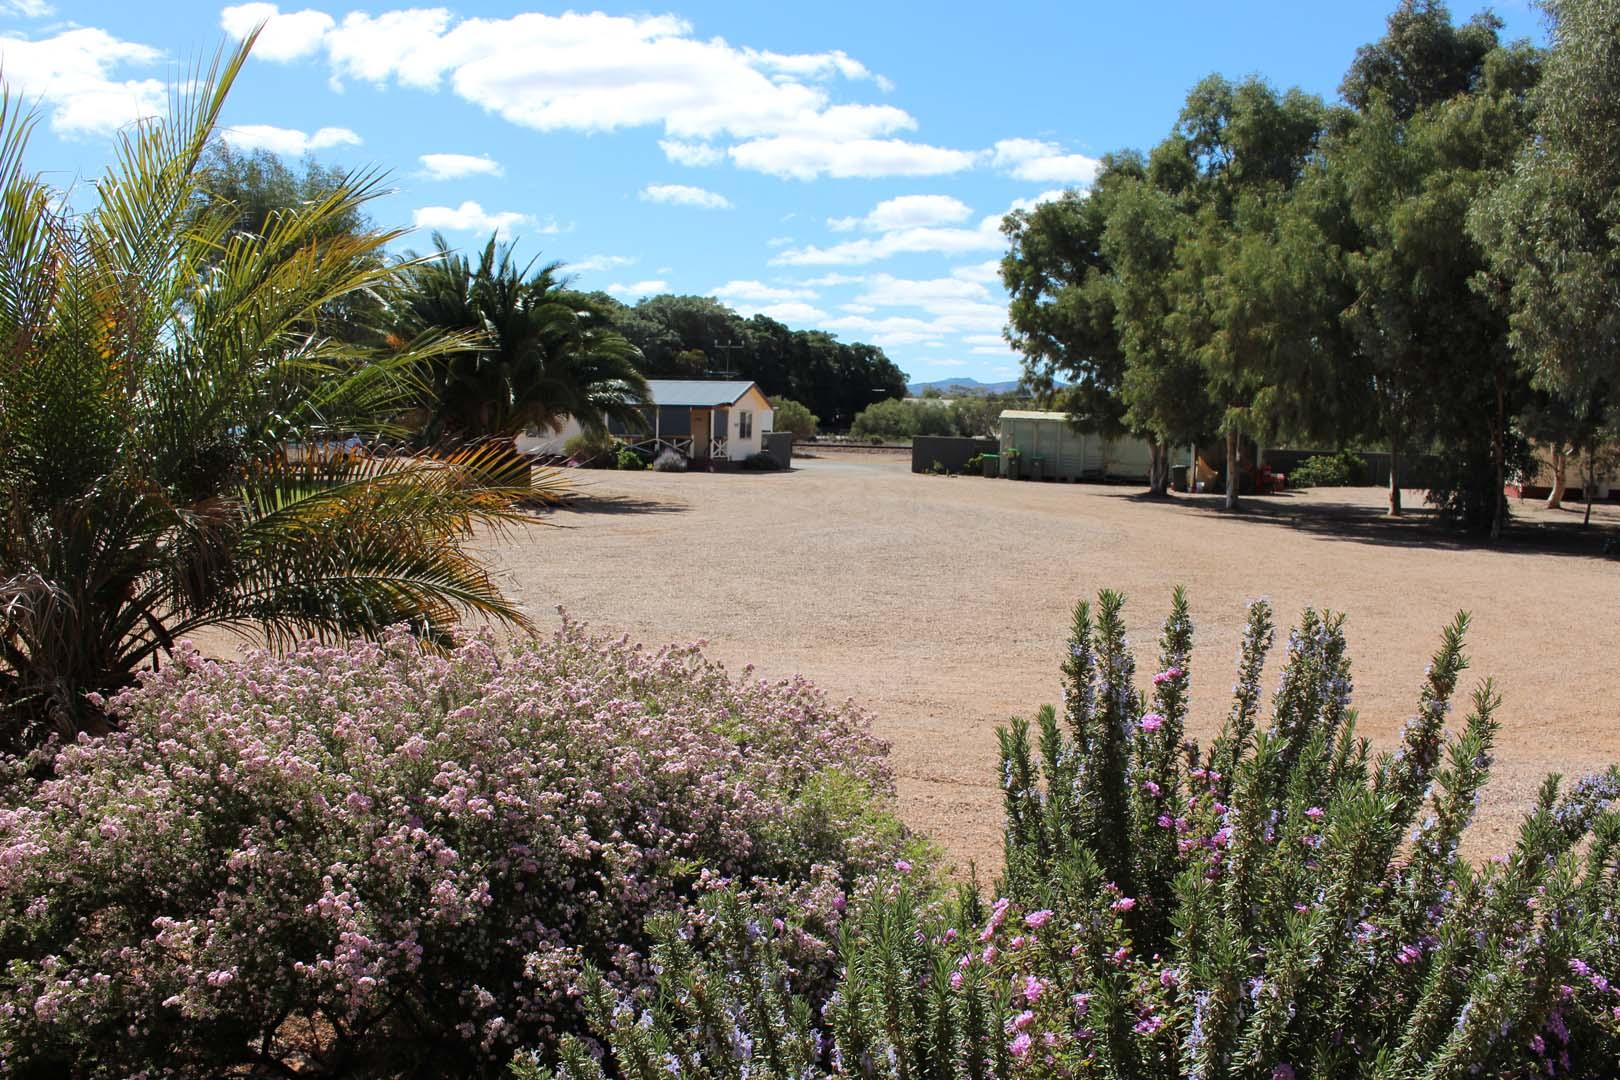 fuller-views-cabin-park-garden-flora-front-gate